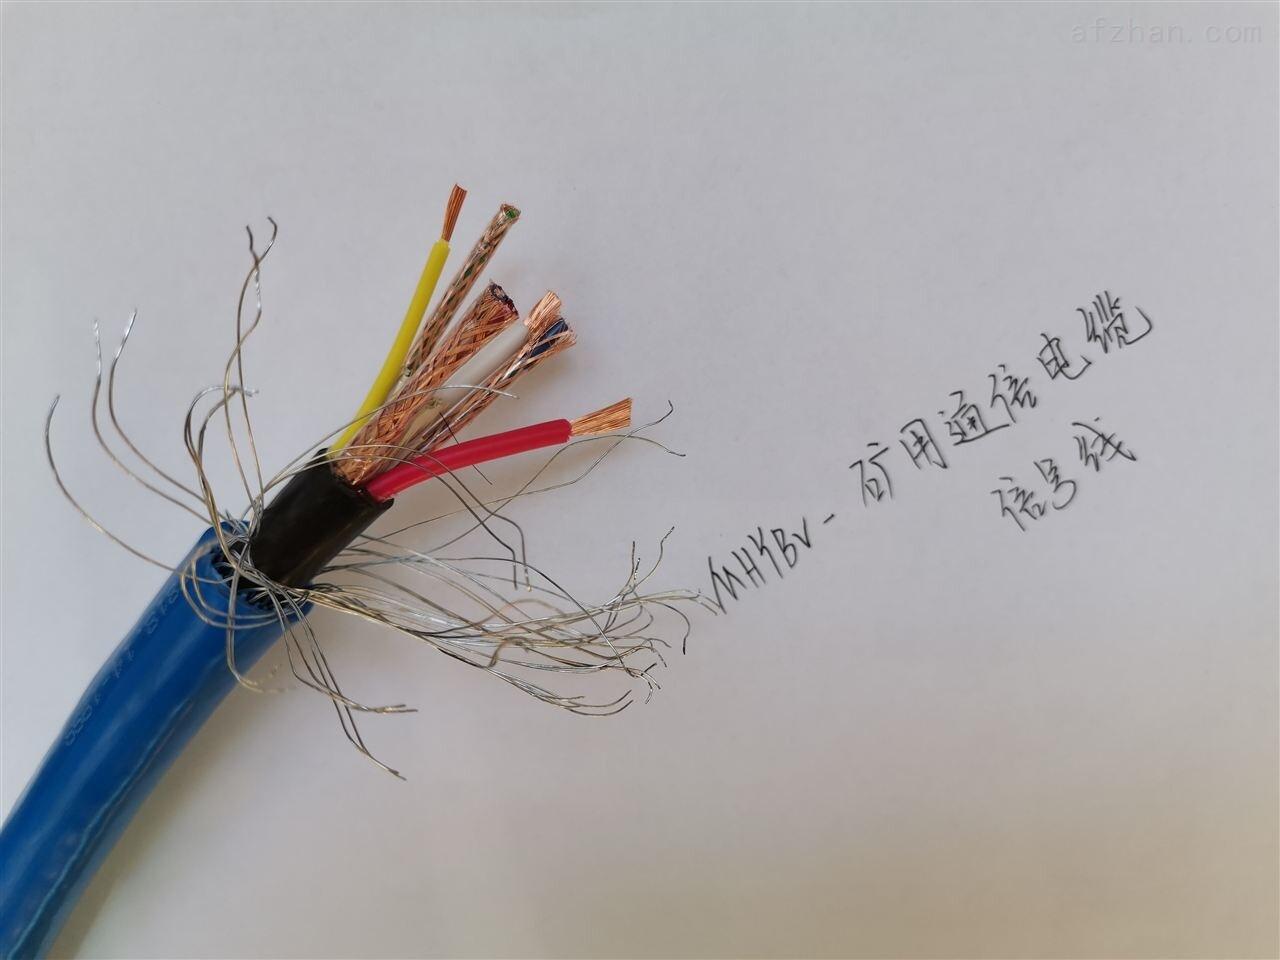 KVV控制电缆-铜芯导体线-天津电缆